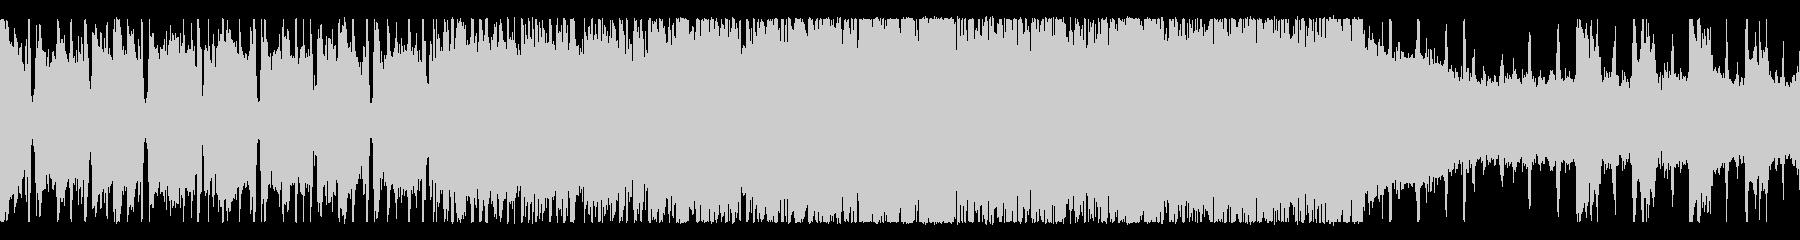 疾走感のあるロックギターサウンドの未再生の波形